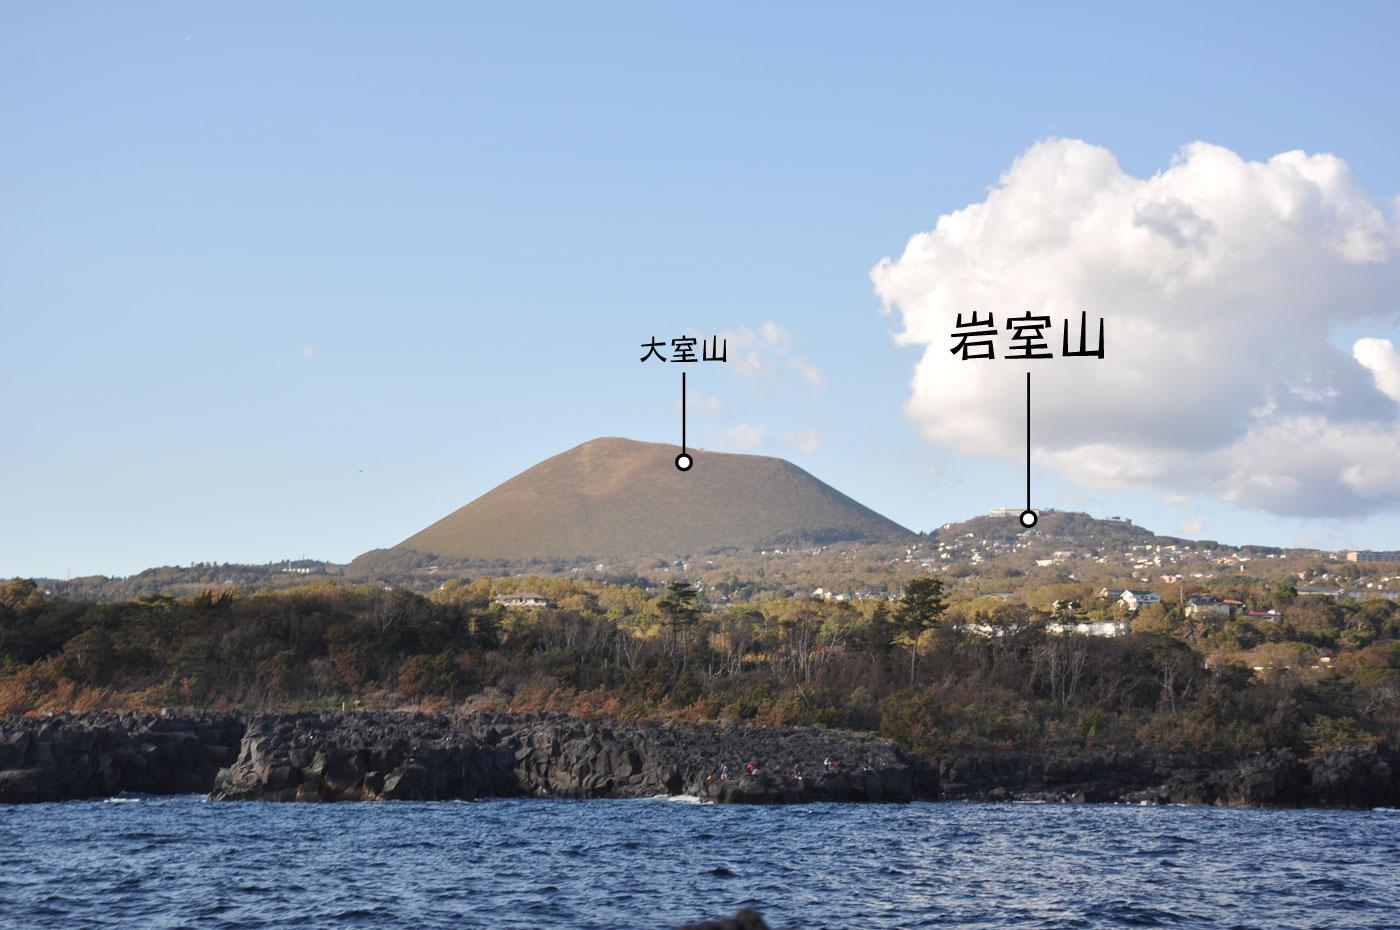 海から見た岩室山 CC BY-SA